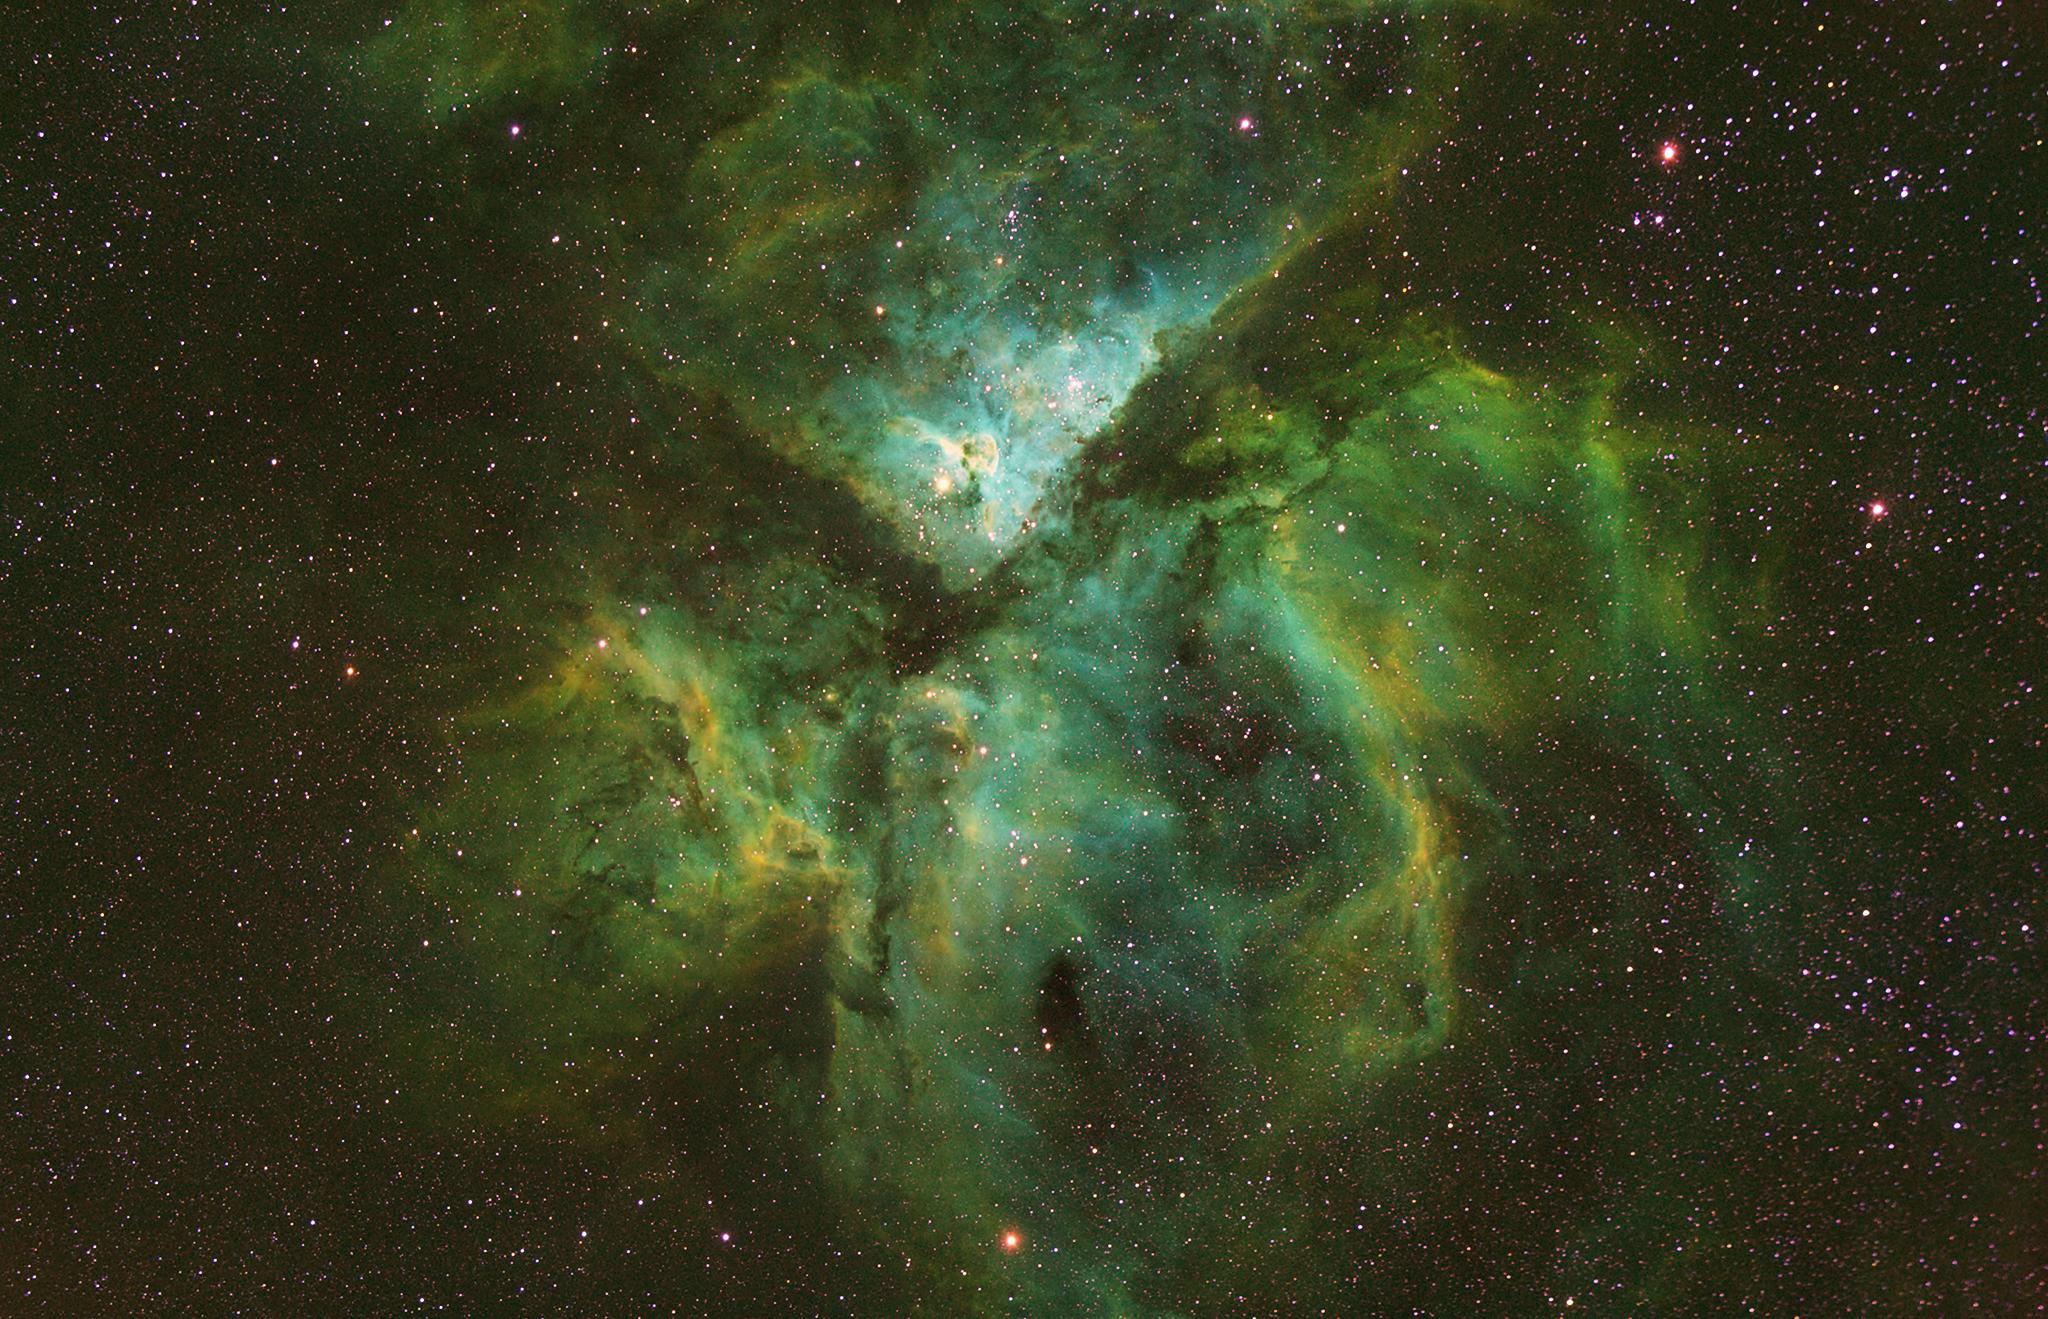 Keyhole Nebula In The Great Carina Nebula Hd Wallpaper Sfondi